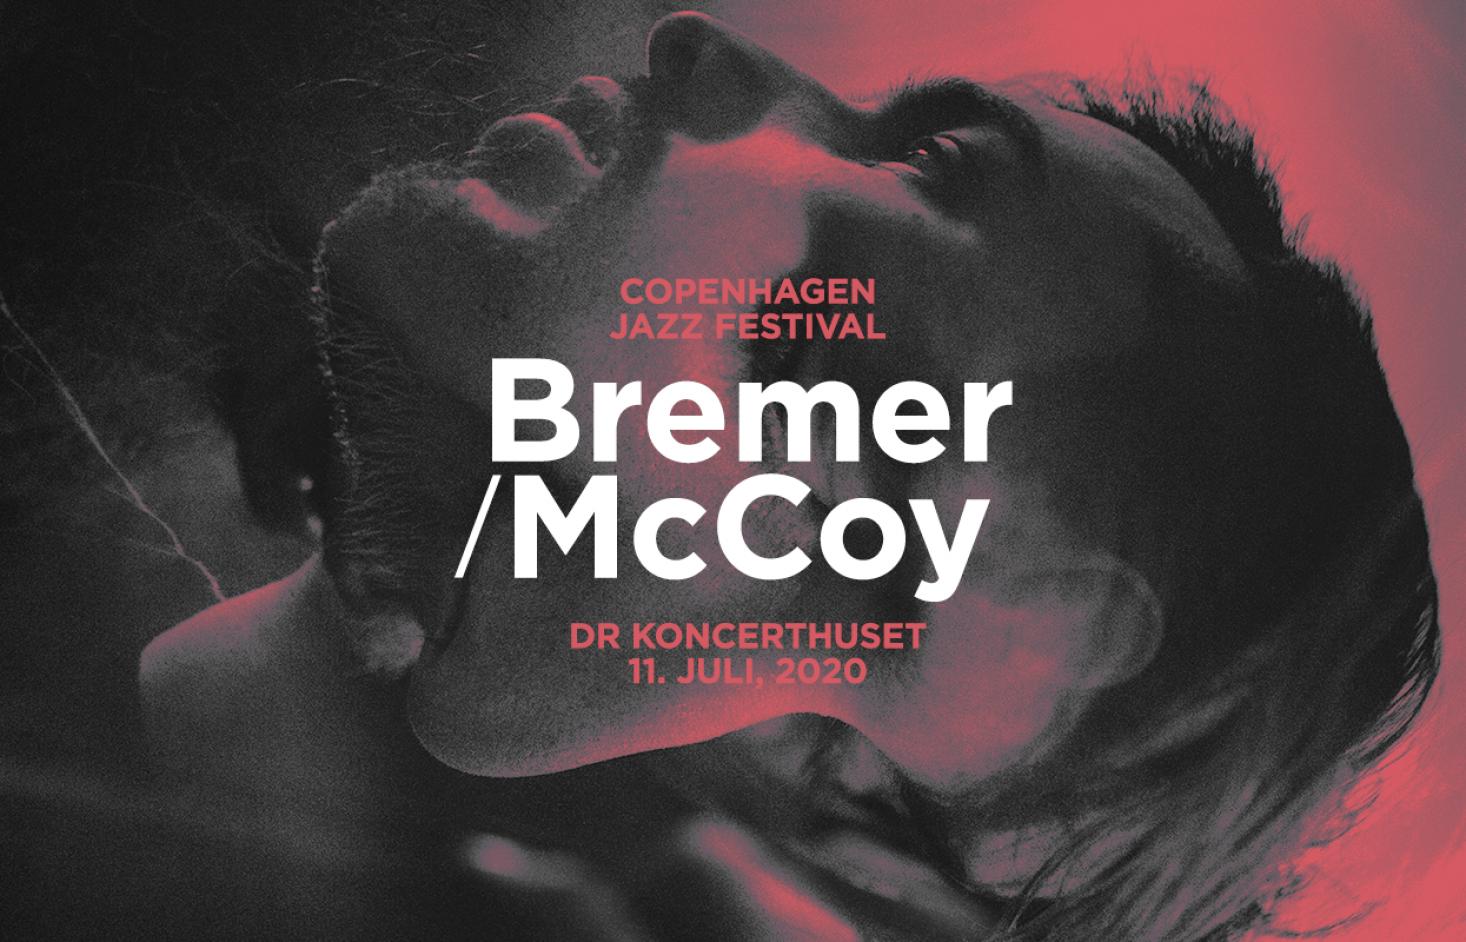 11/7: Bremer/McCoy –DR Koncerthuset, Koncertsalen